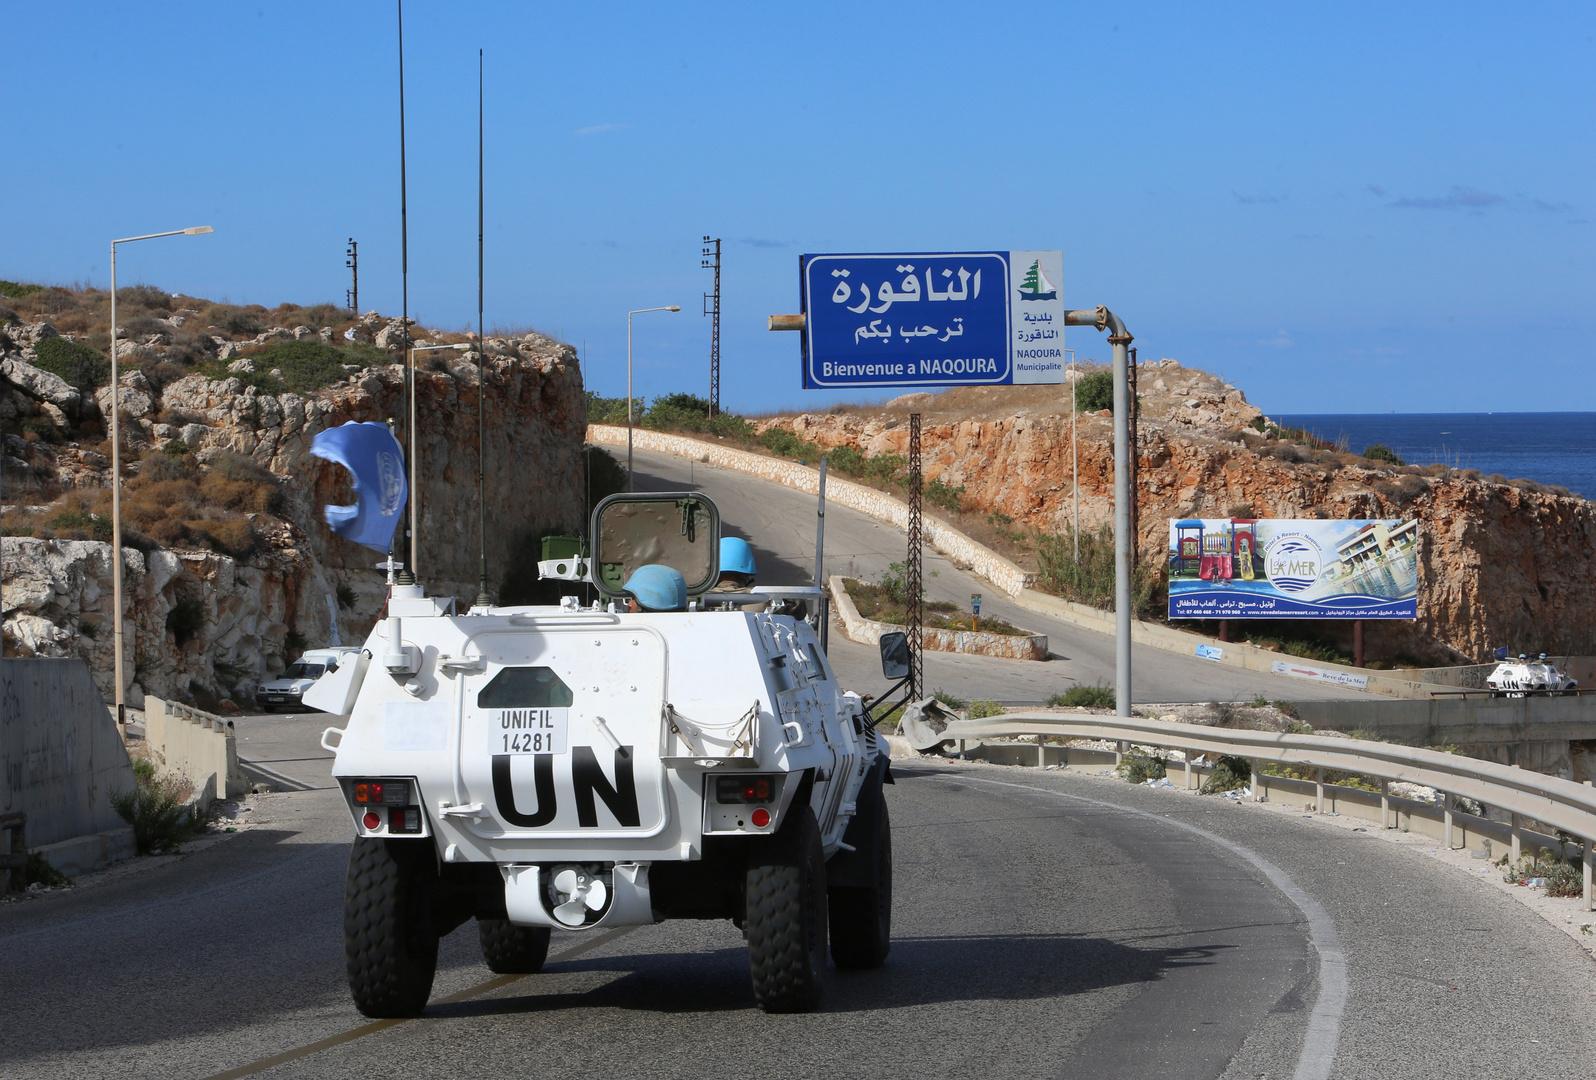 لبنان.. الجيش يعثر على منصات إطلاق الصواريخ على إسرائيل واليونيفيل يفتح تحقيقا